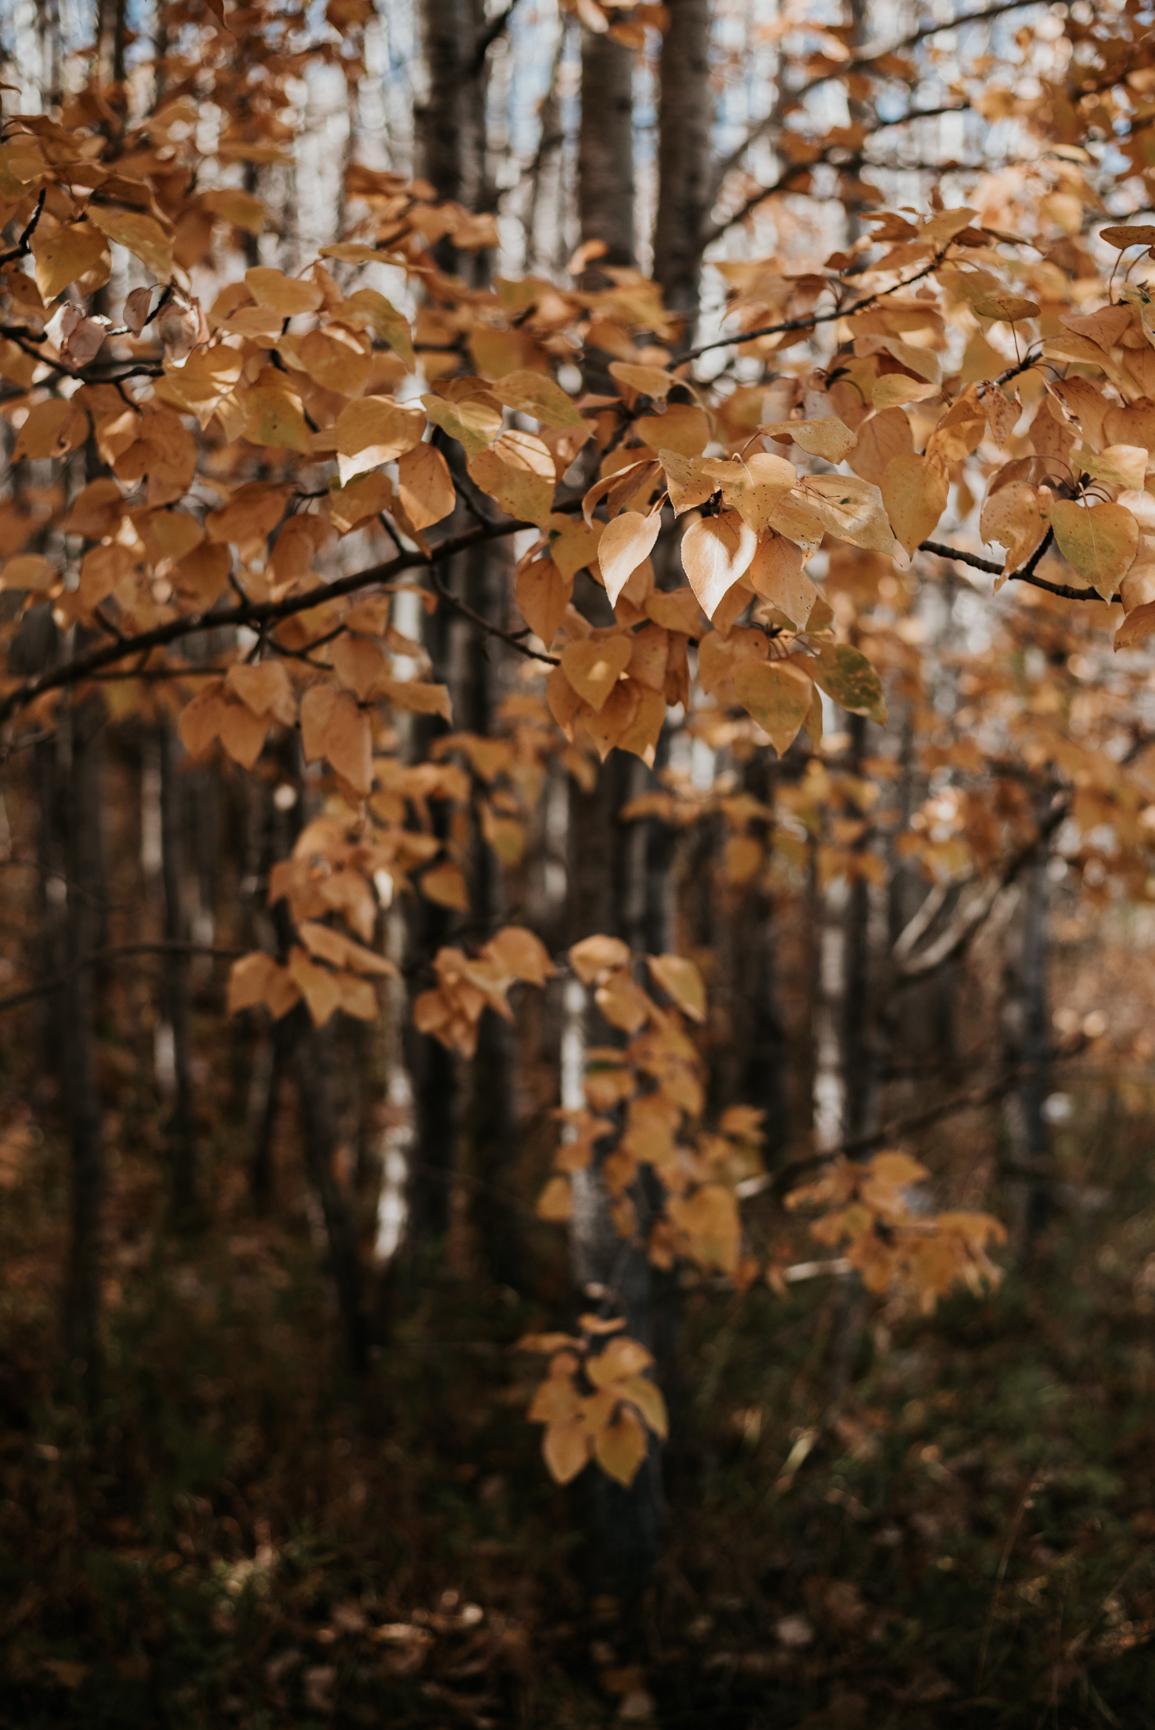 171005-115035-October-a1-1555.jpg